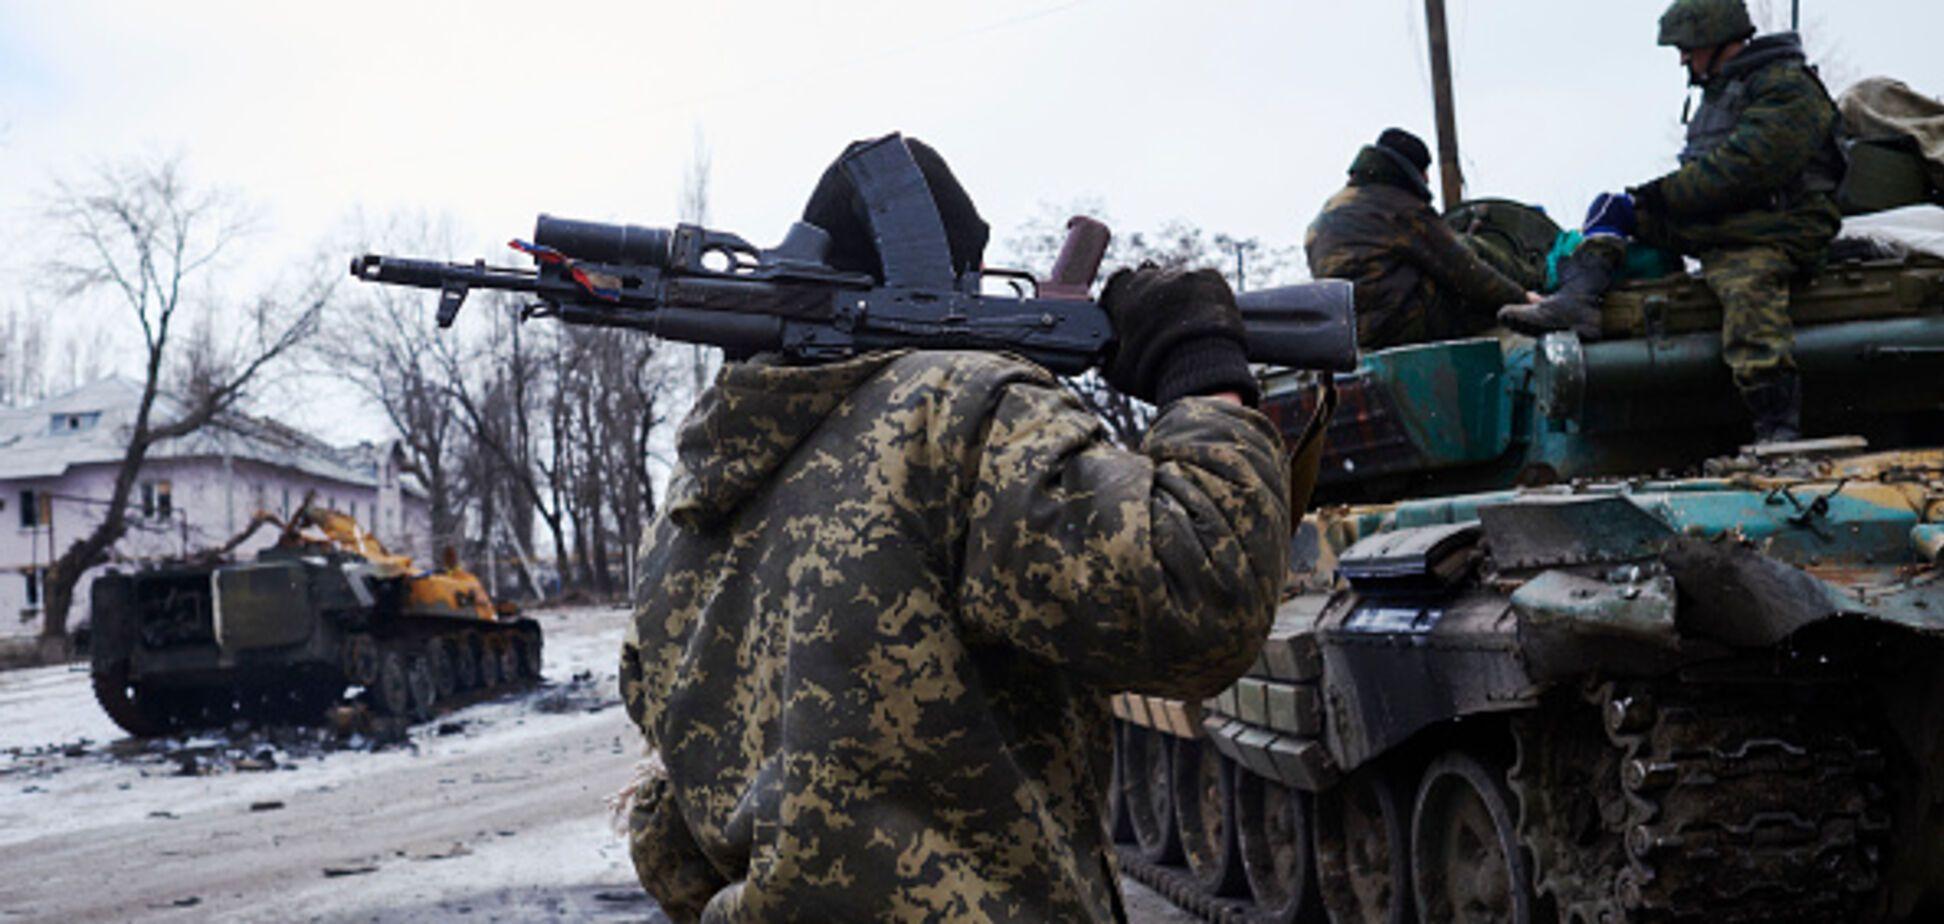 Група терористів здалася Україні: в 'ДНР' закотили істерику